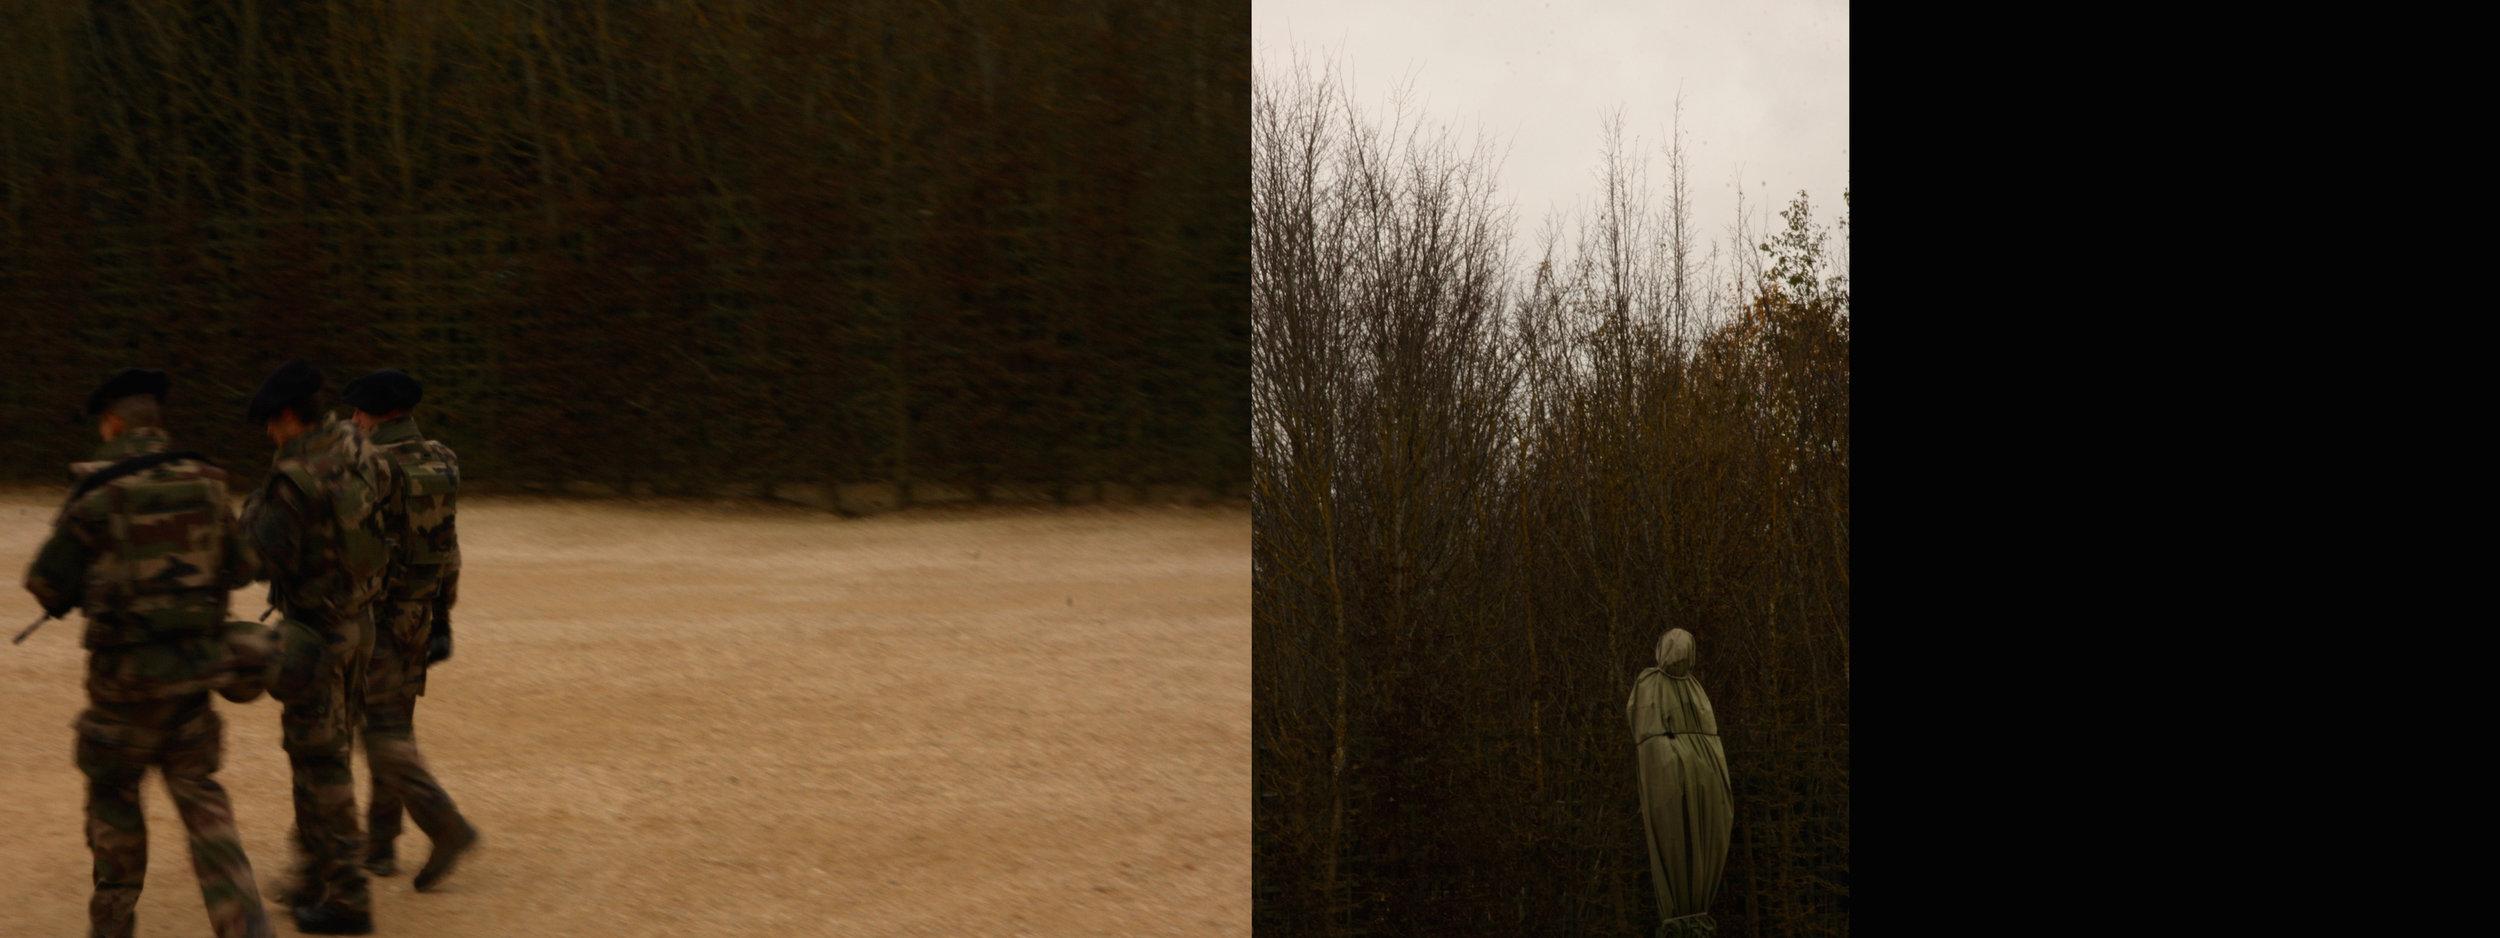 Intervention Versailles,2016, Jim Gurr